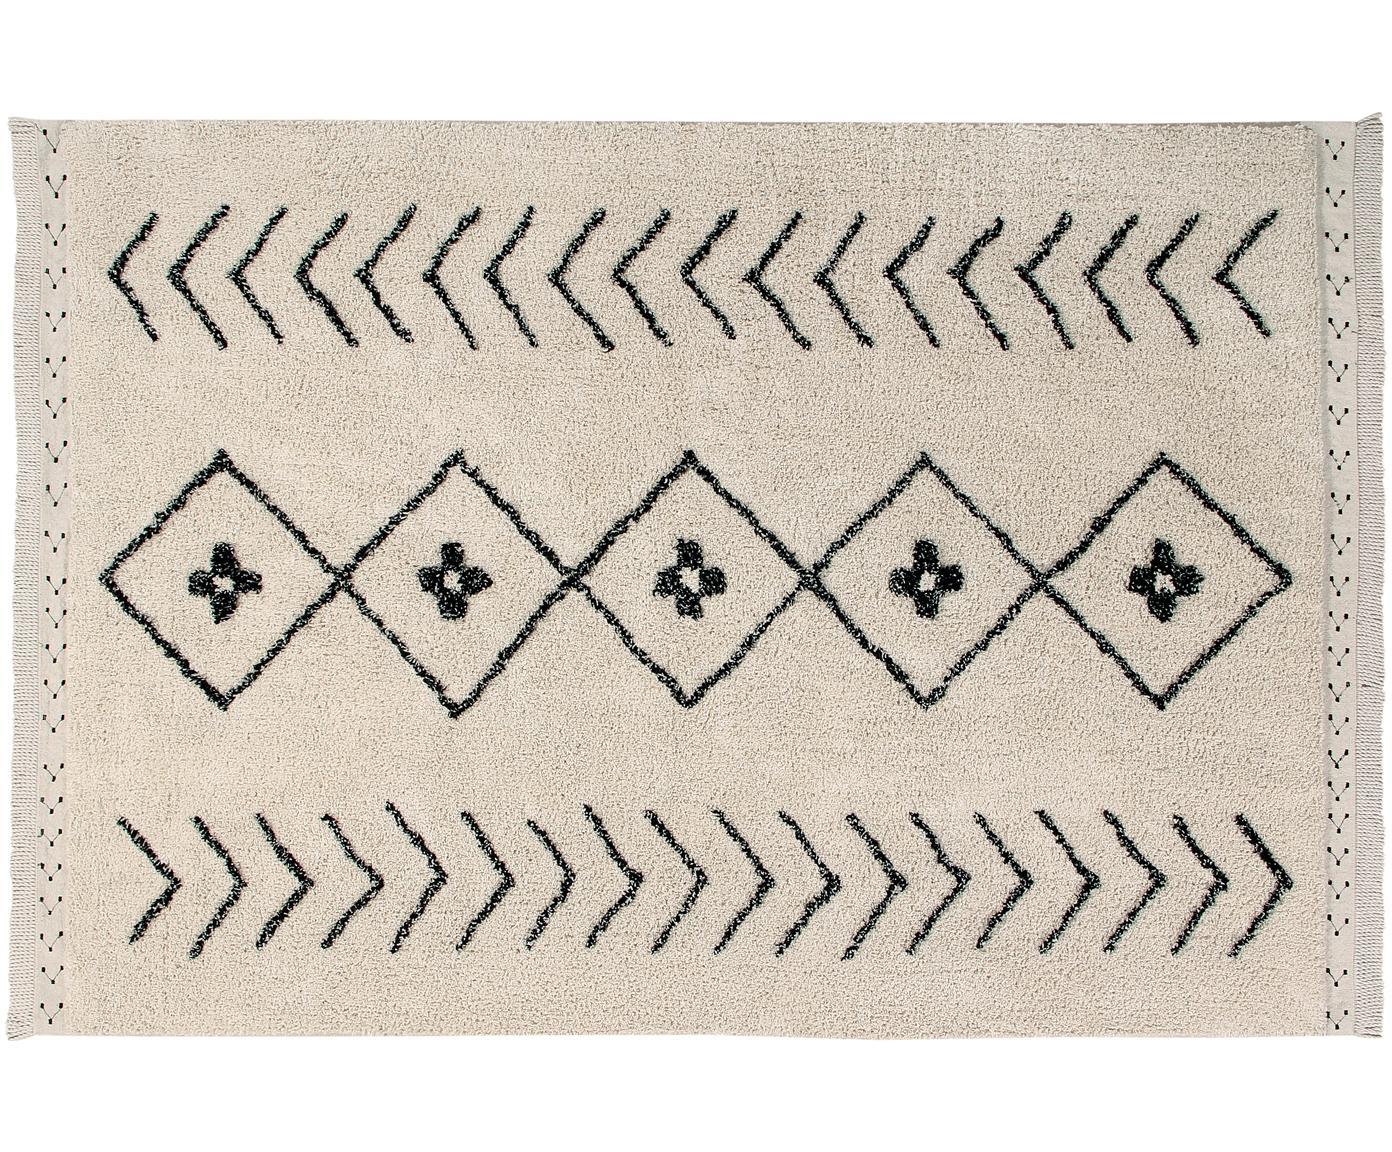 Teppich Barber, Flor: 85% Baumwolle, 15% recyce, Beige, Schwarz, B 120 x L 170 cm (Größe S)